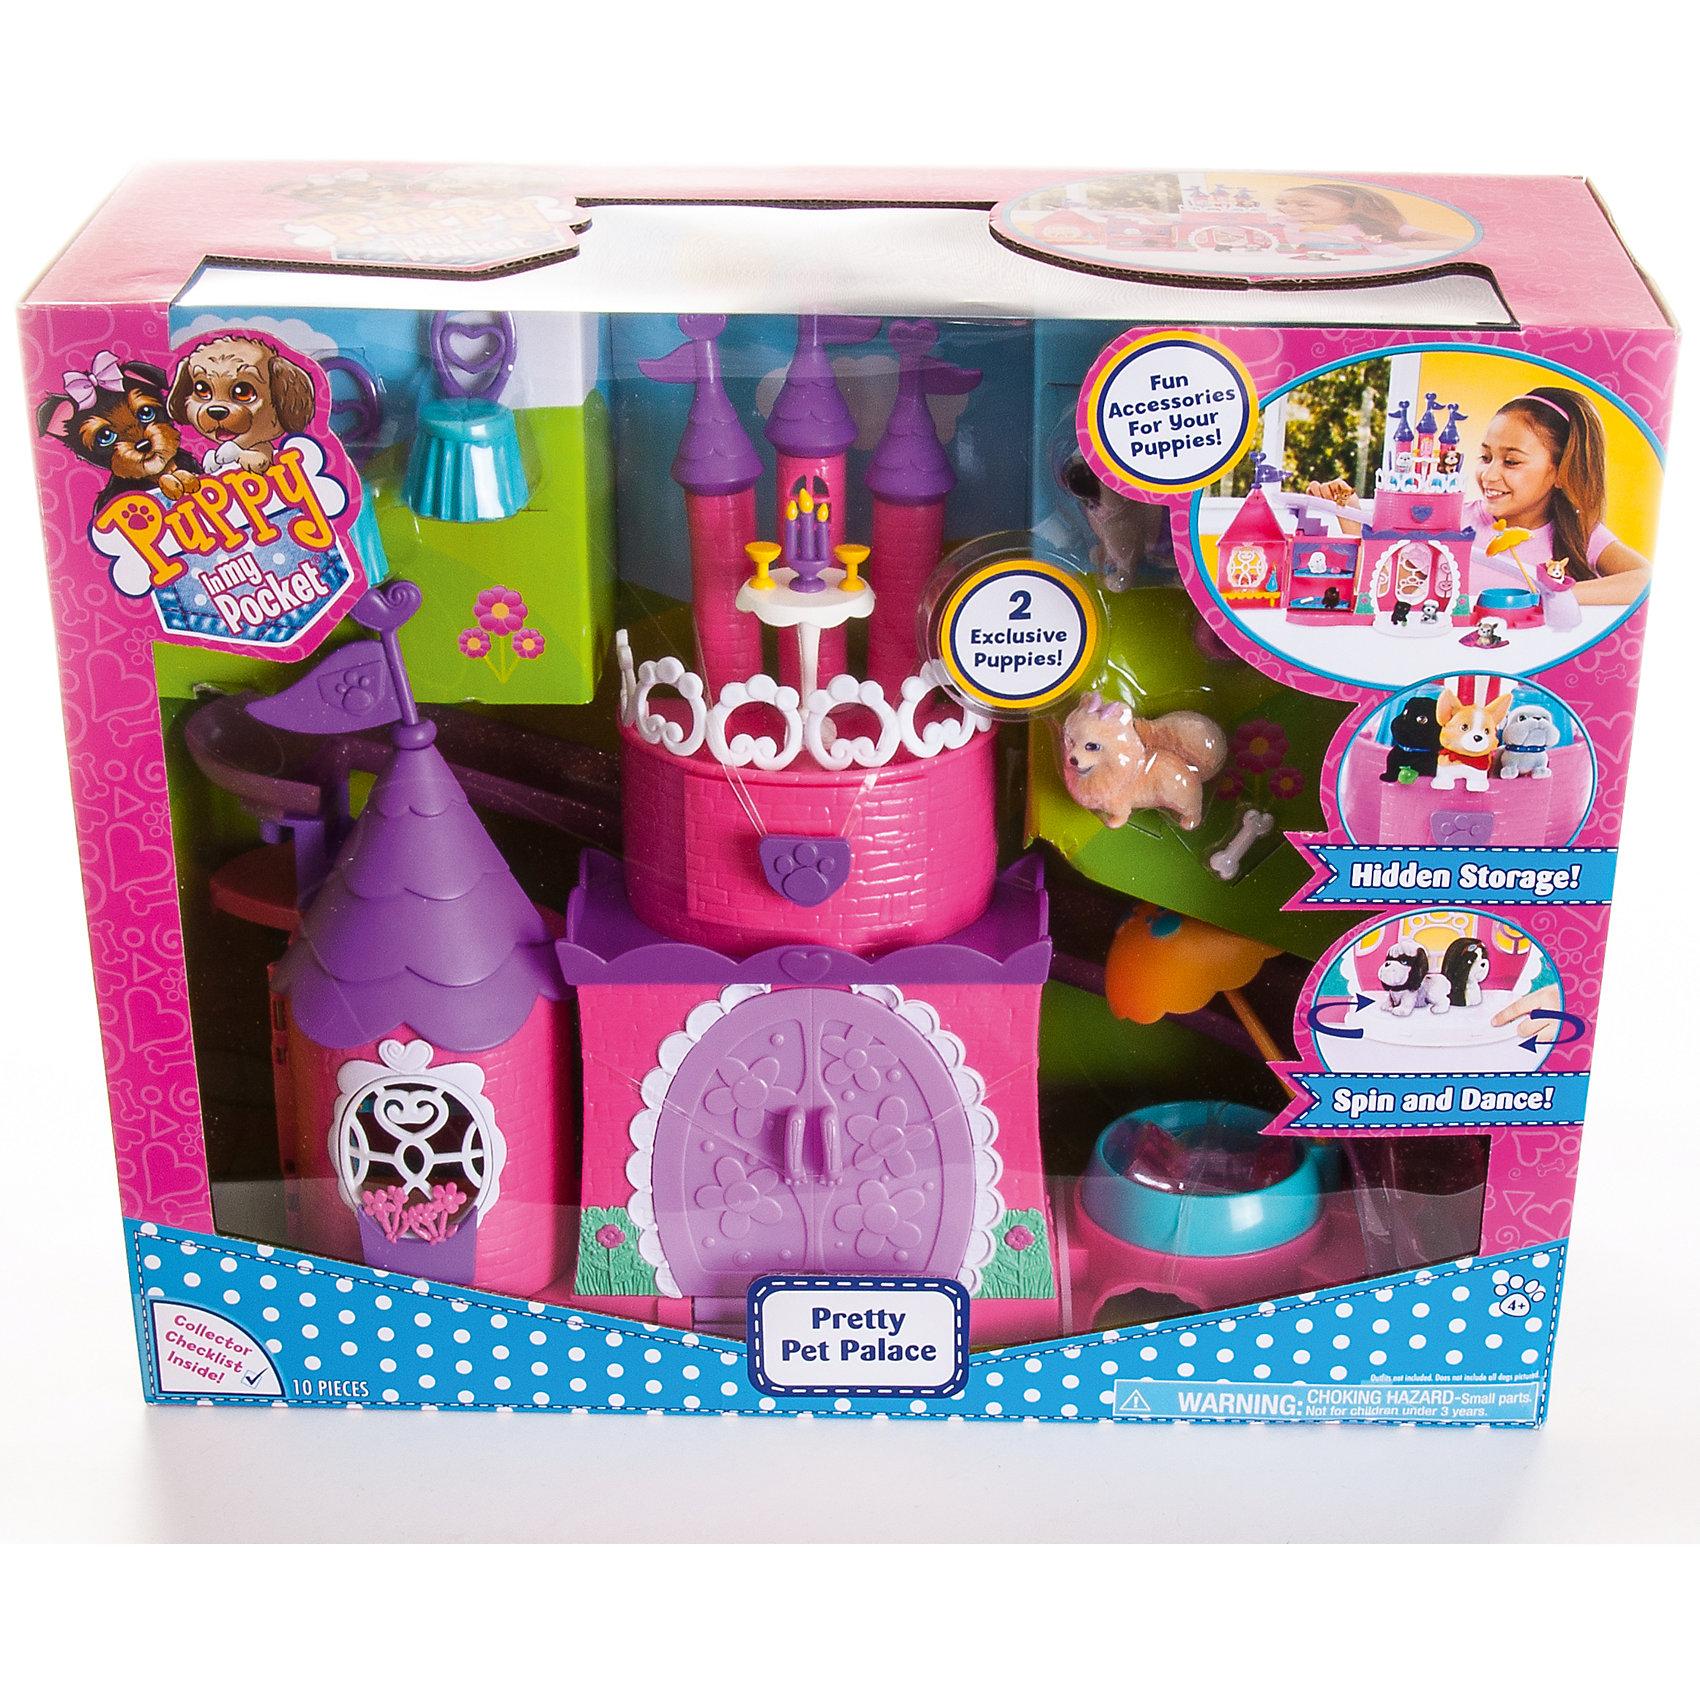 Дворец для щенков, Puppy in my pocketКоллекционные и игровые фигурки<br>Большой, яркий, красочный, интересный набор со множеством игровых функций приведет в восторг любую девочку. Теперь очаровательные щенки смогут жить в своем собственном дворце, устраивать приемы, общаться и дружить!<br>Puppy In My Pocket (Щенок в моём кармане) – это новый бренд игрушек, созданных по одноименному мультфильму, объединяющий более 100 различных персонажей! Симпатичные маленькие пластиковые собачки имеют специальное текстильное напыление (флокирование), делающее их очень приятными на ощупь. <br><br>Дополнительная информация:<br><br>- Материал: пластик, флок. <br>- Размер упаковки: 40х14х33 см.<br>- Комплектация: 2 эксклюзивных щенка, горка, потайной ящик, крутящийся танцпол, 2 стула, подсвечник,  кость для щенков, 2 чашки, санки (2 шт). <br>- Танцпол вращается.<br>- Двери замка открываются. <br><br>Дворец для щенков, Puppy in my pocket, можно купить в нашем магазине.<br><br>Ширина мм: 140<br>Глубина мм: 330<br>Высота мм: 405<br>Вес г: 1700<br>Возраст от месяцев: 36<br>Возраст до месяцев: 120<br>Пол: Женский<br>Возраст: Детский<br>SKU: 4587474